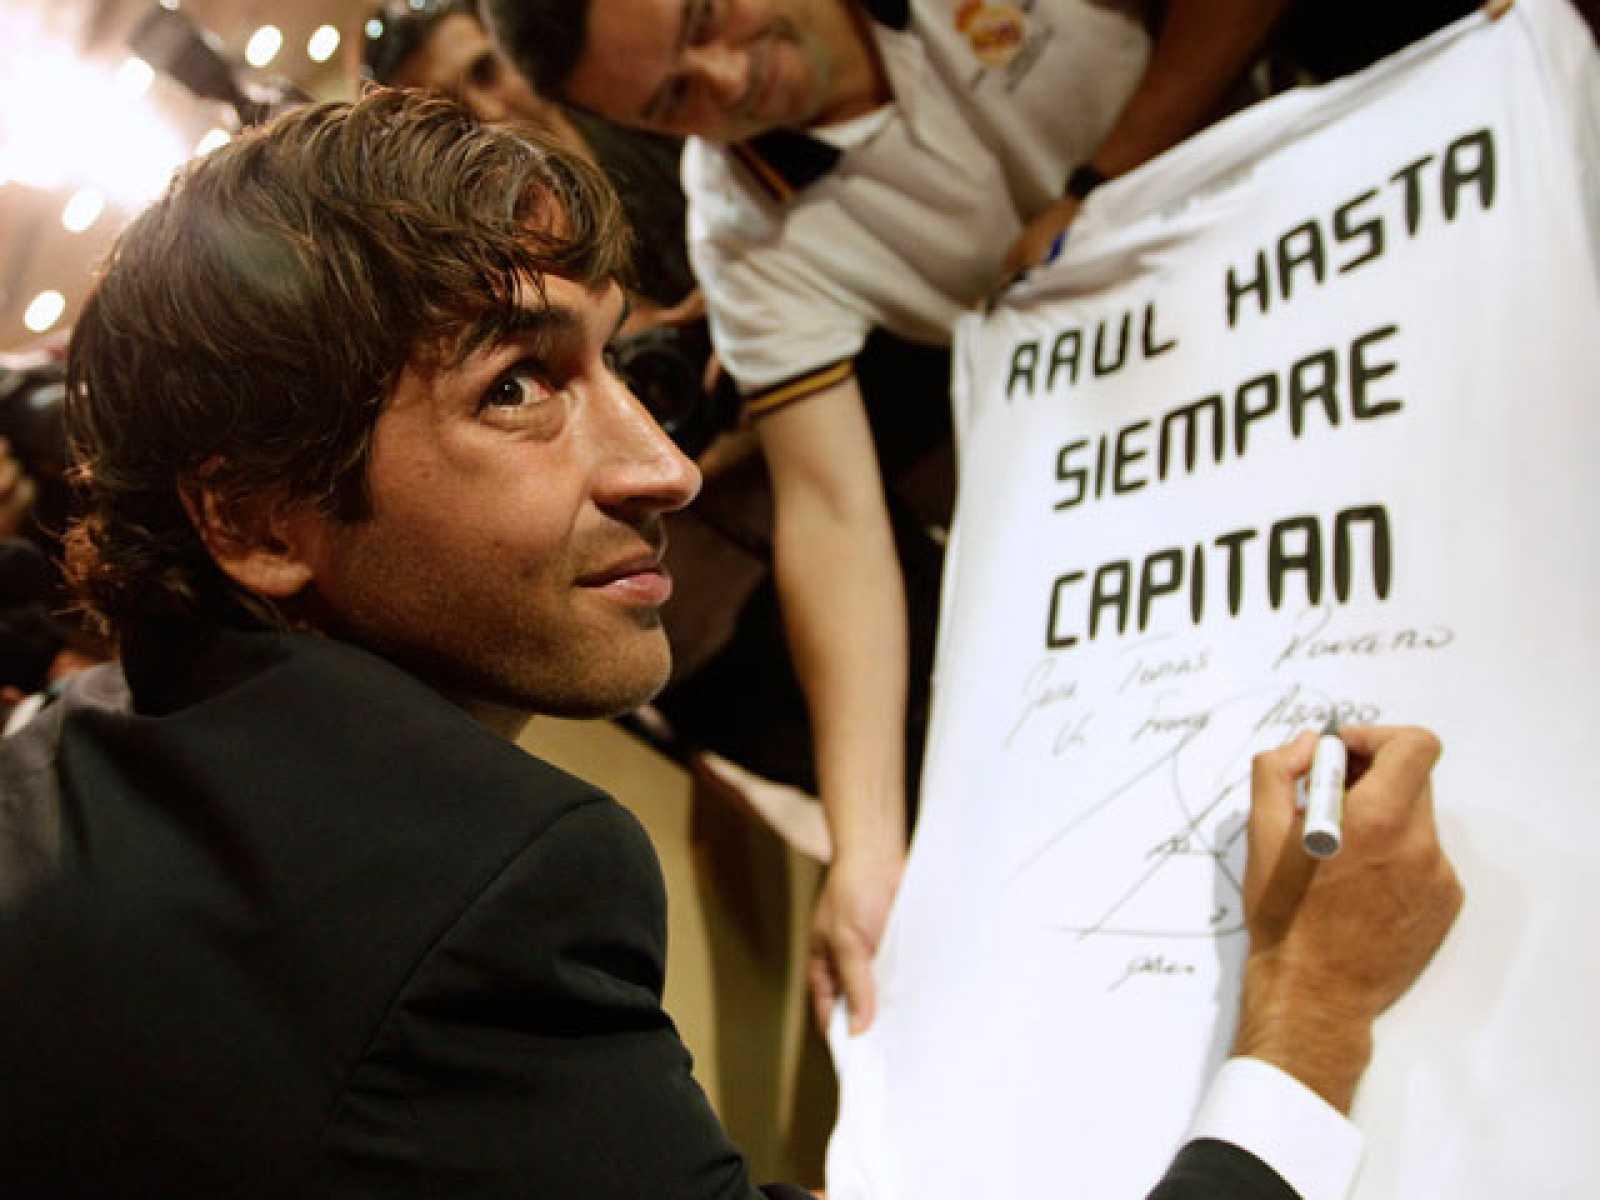 Raúl González Blanco ha dicho adiós a 16 años de carrera en el Real Madrid, el equipo de su vida, del que se ha despedido con la intención de volver, junto a Florentino y Valdano. El argentino, que le hizo debutar en 1994, sólo ha puesto a Di Stéfano